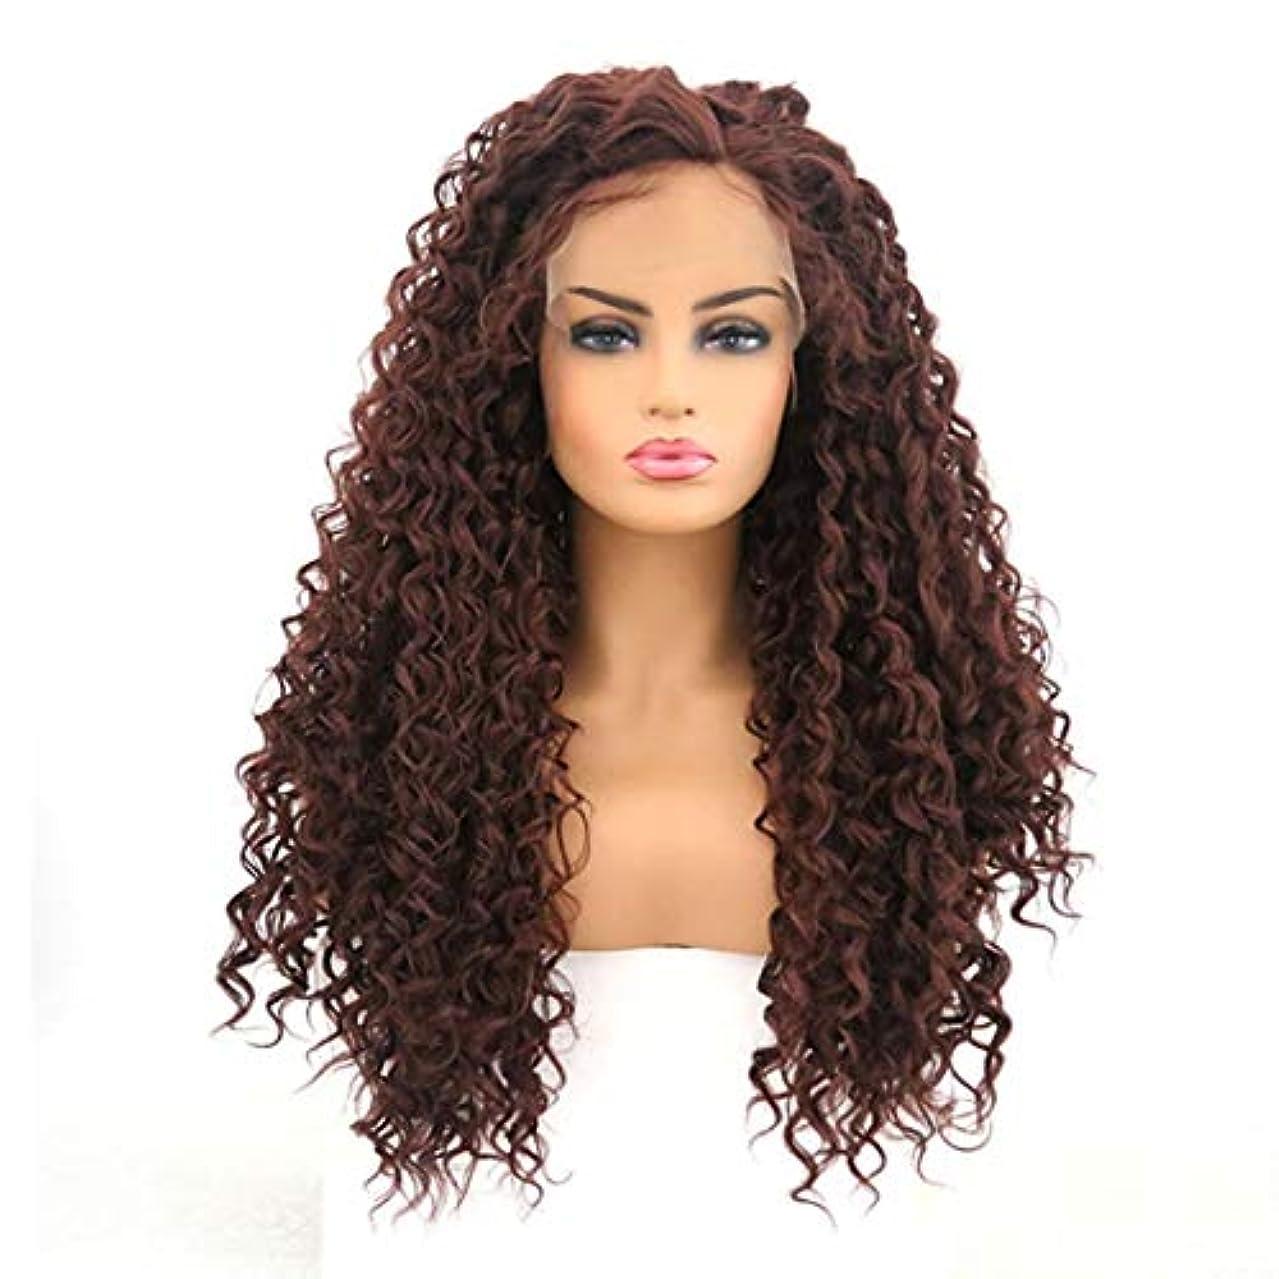 シュガー女王代名詞Kerwinner 女性のための小さな巻き毛のかつらのフロントレースの小さな波ロングロール